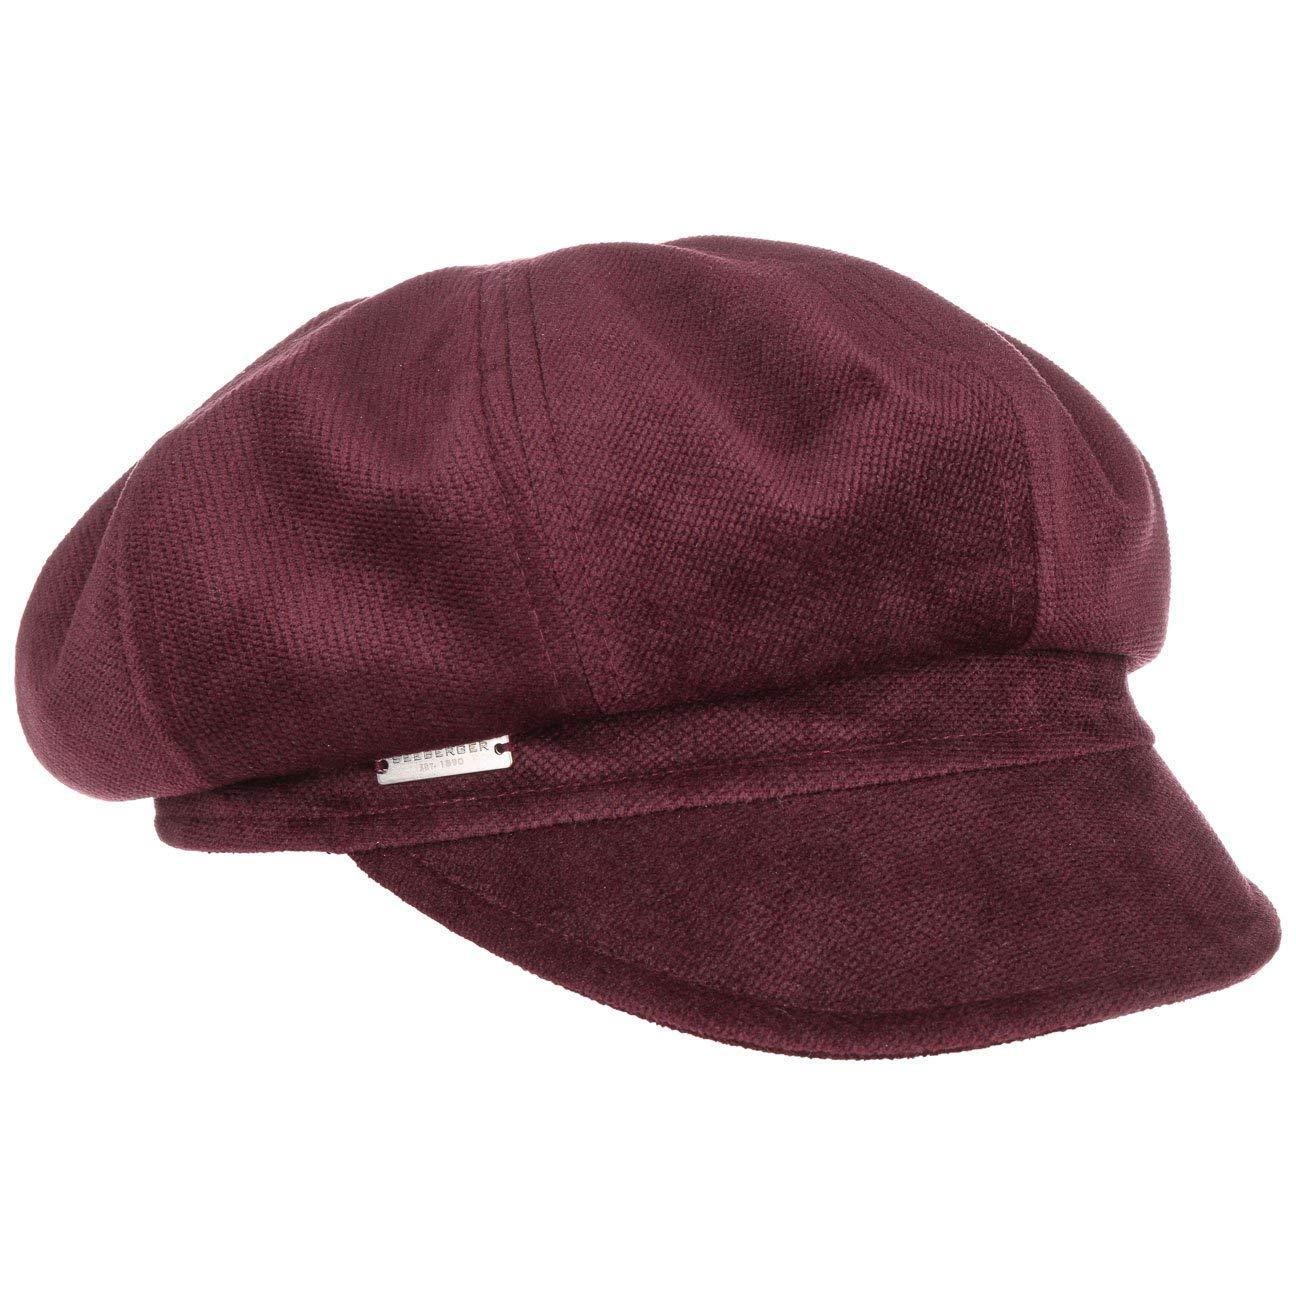 Seeberger SAMT Ballonmütze Damencap, Newsboy-Mütze, Wintercap, Baker-Boy-Mütze Wintercap Mit Schirm Newsboy-Mütze